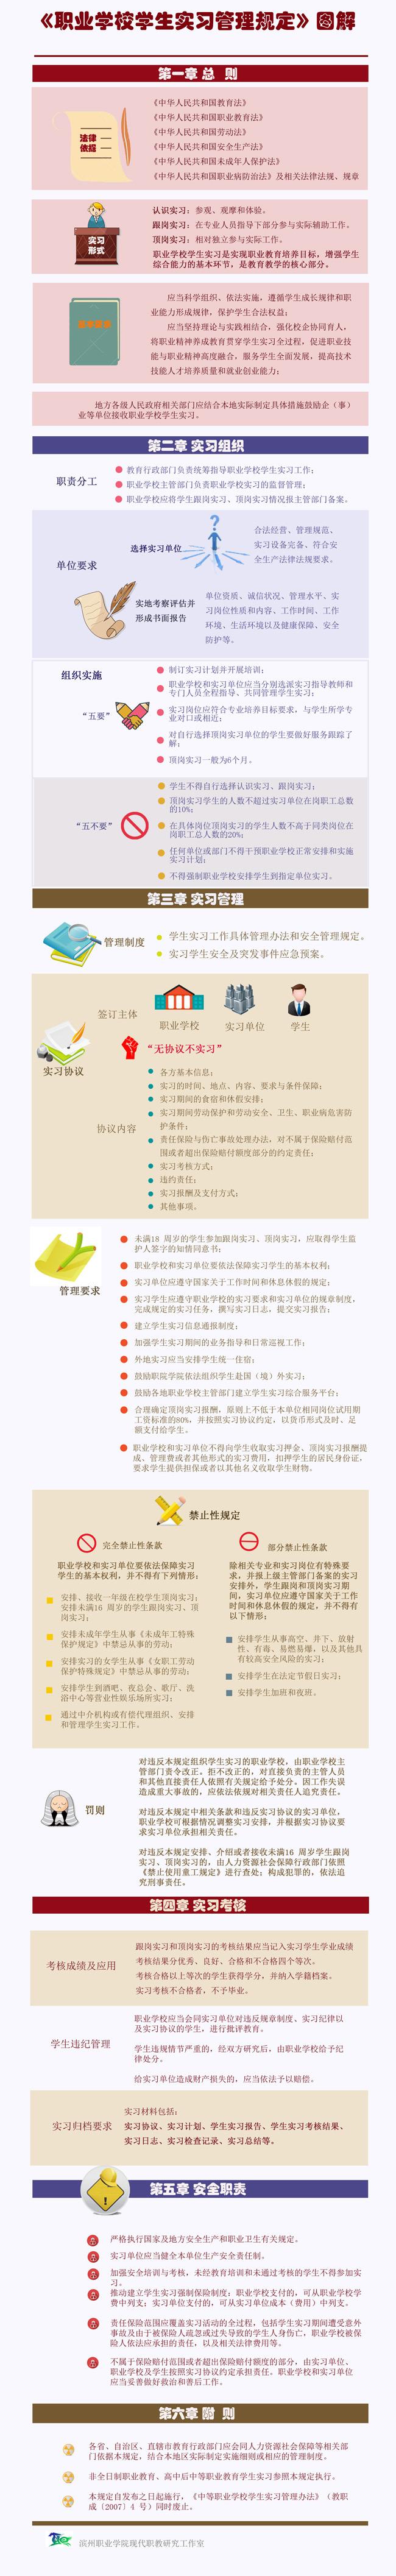 http://statics.btzyxy.com.cn/uploadfile/2017/0616/20170616103210110.jpg